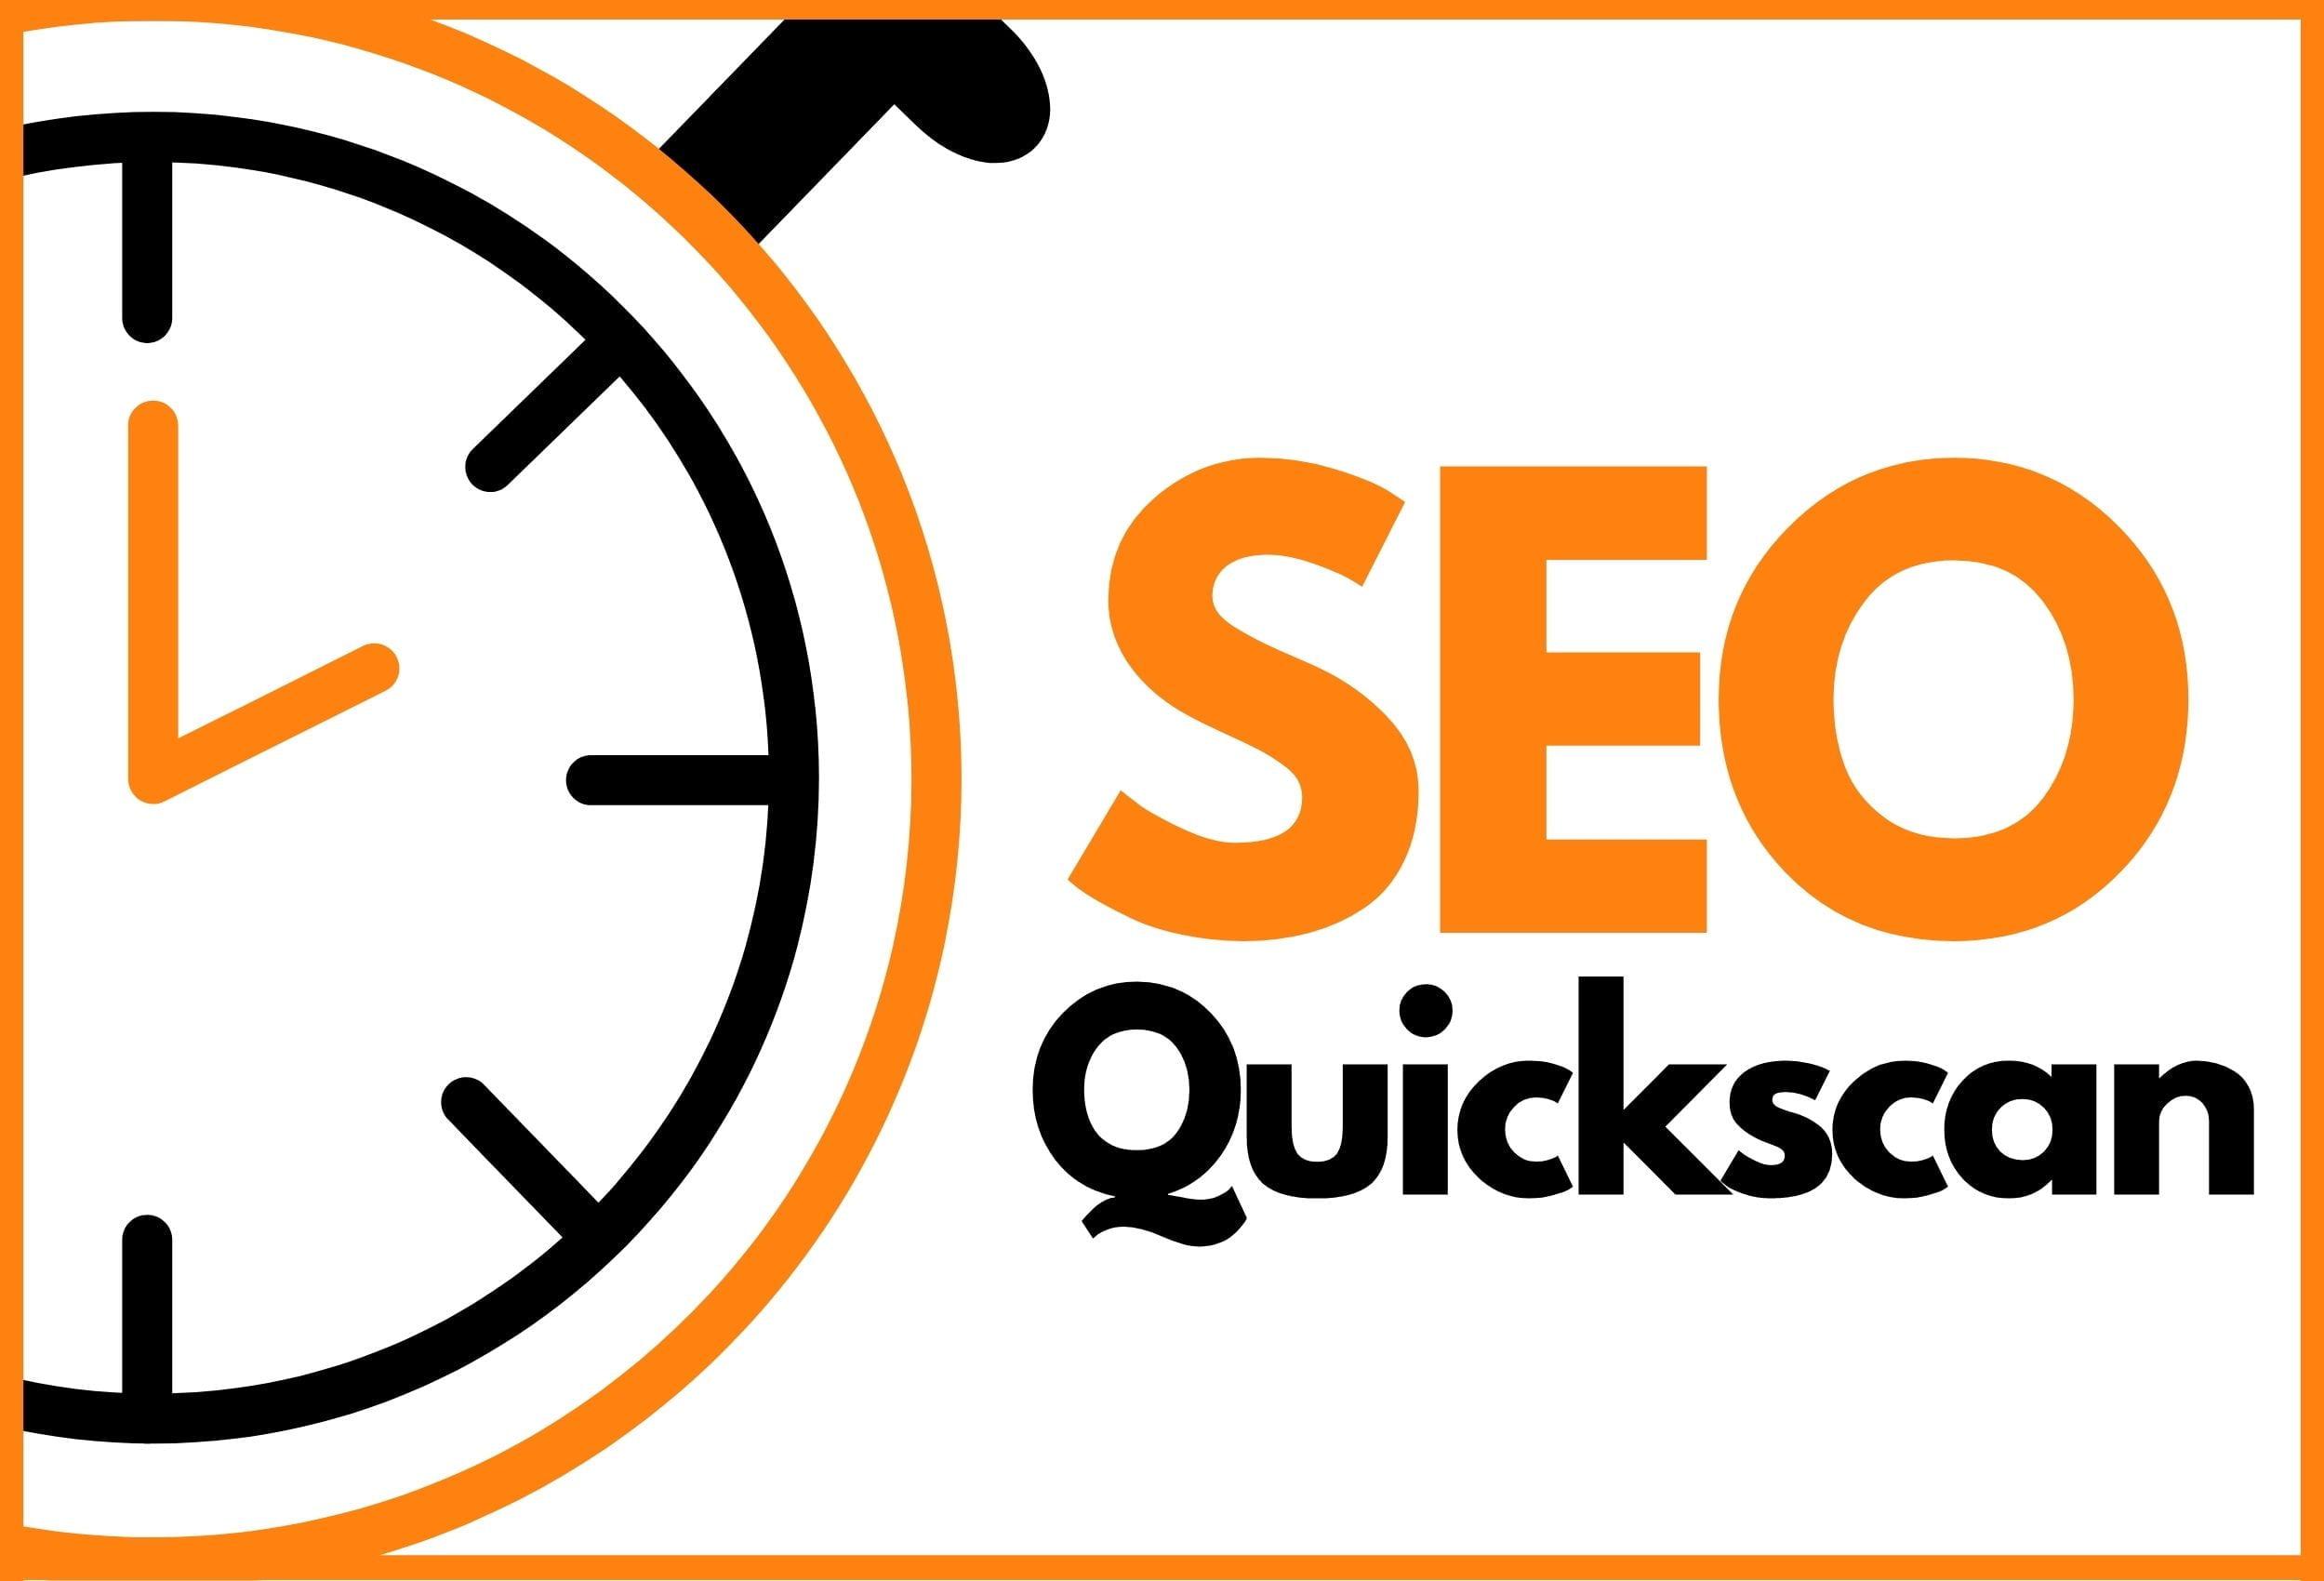 seo quickscan